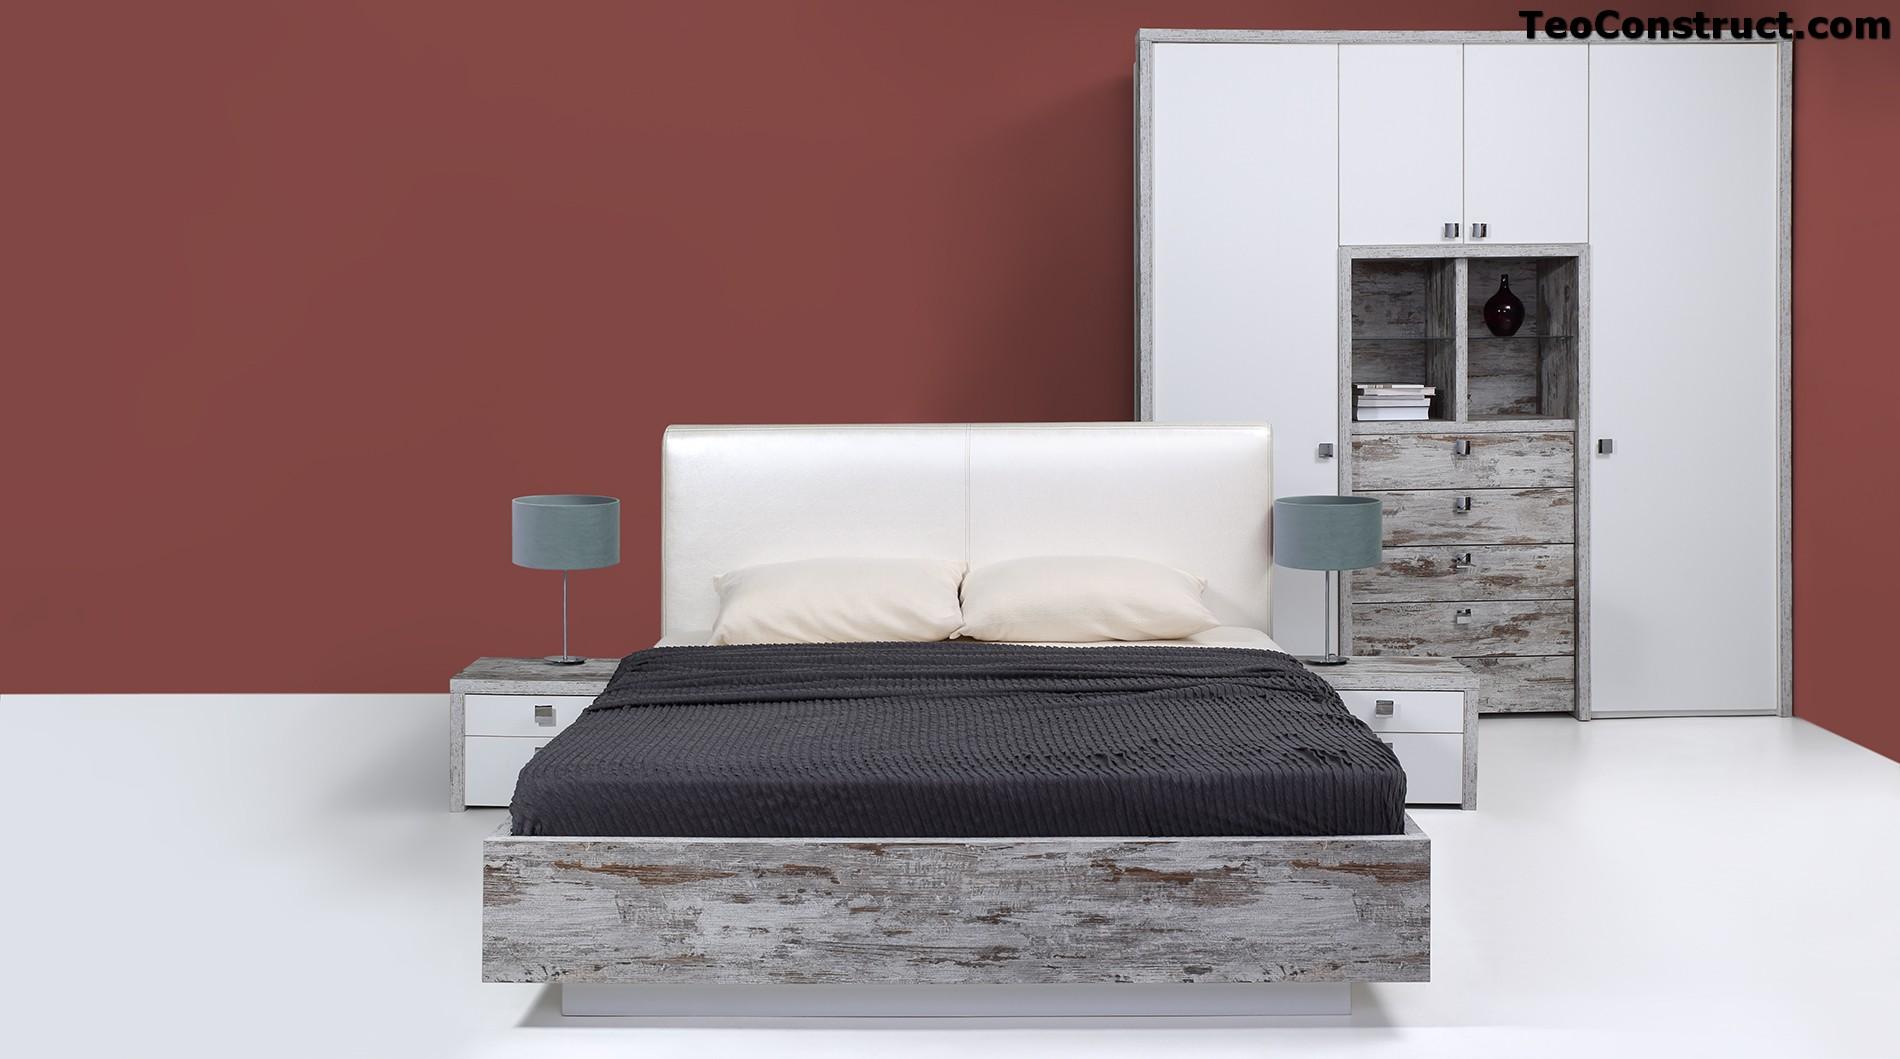 Dormitor de calitate Antique01